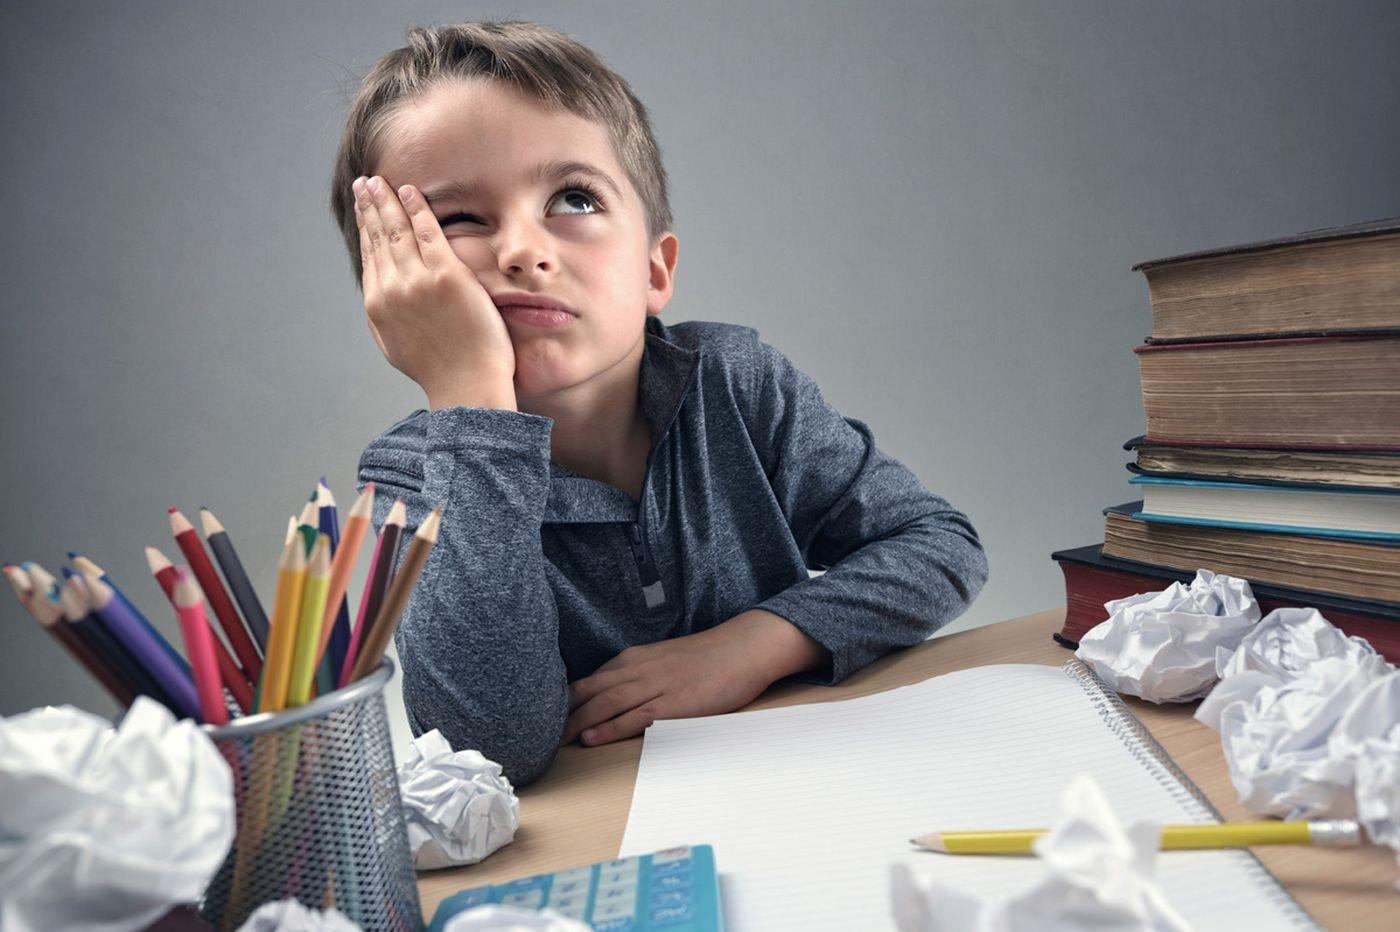 Хүүхдээ хэрхэн гэрийн даалгавраа бие даан хийдэг болгох вэ?